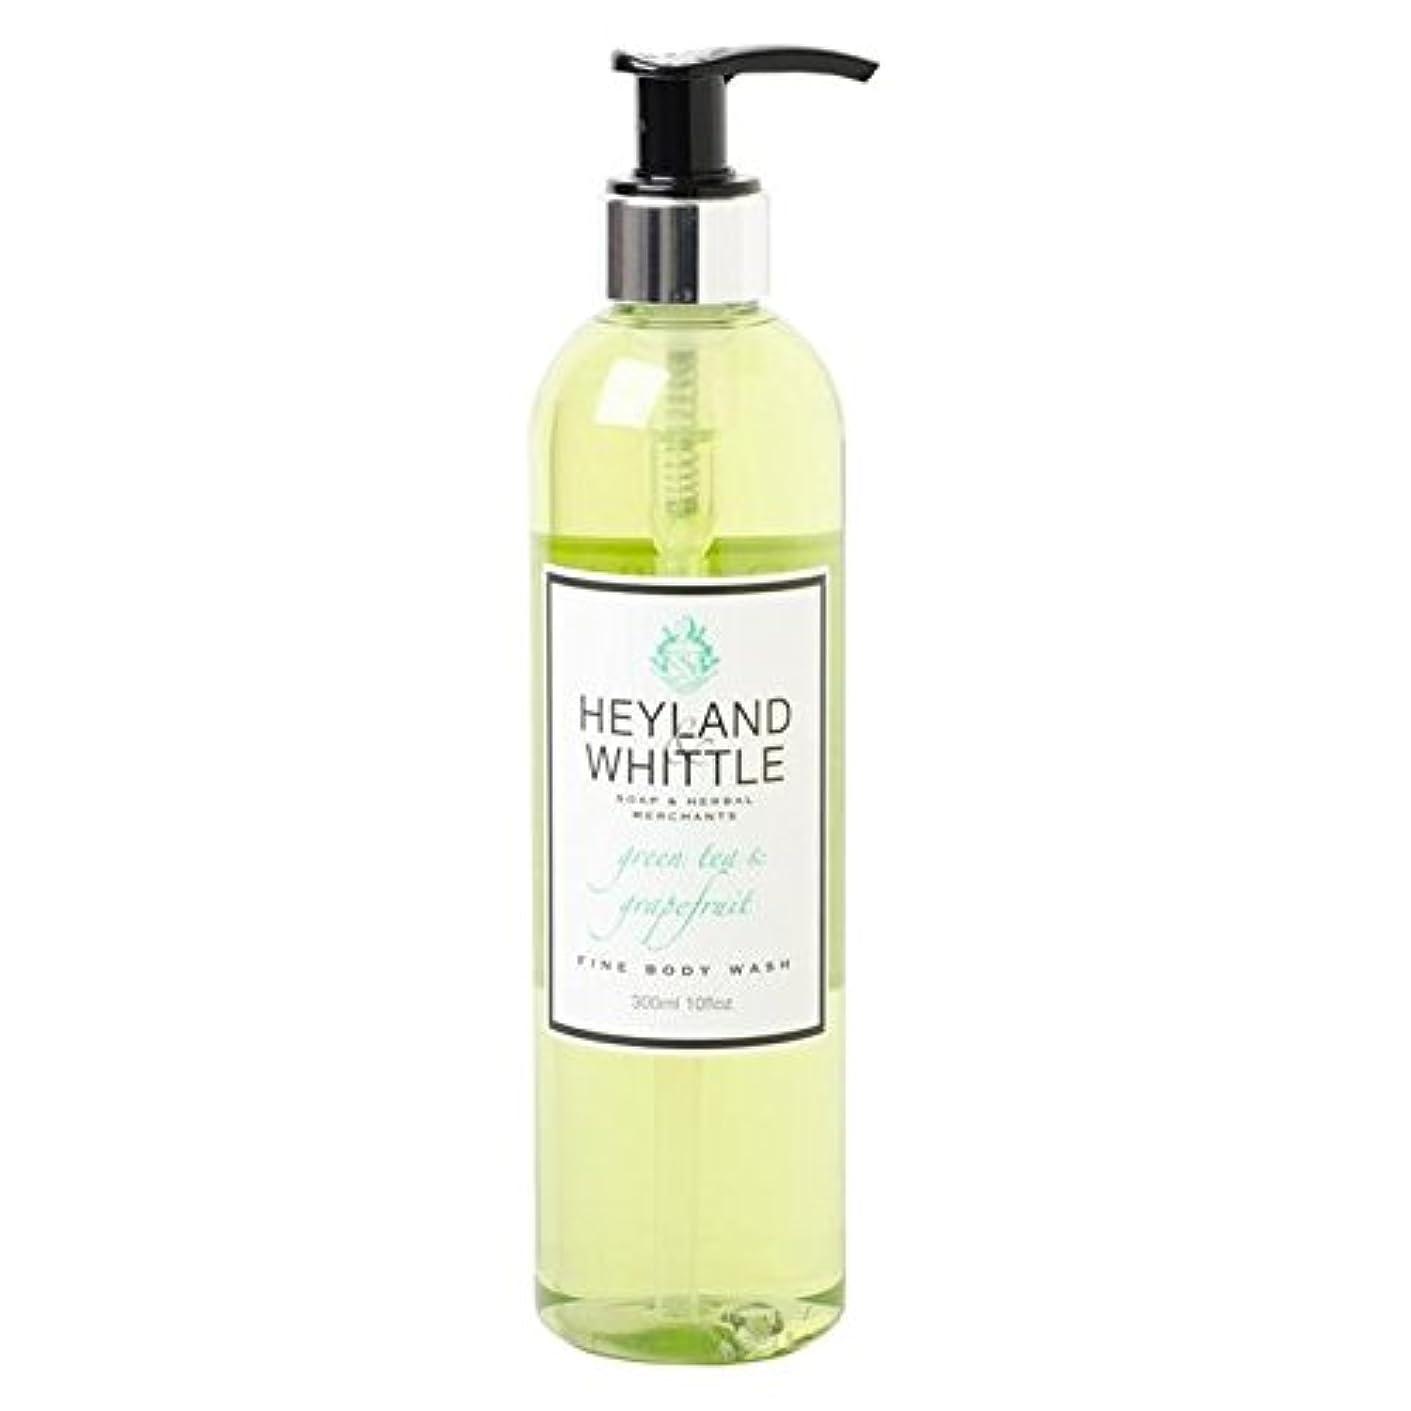 副薬通知するHeyland & Whittle Greentea & Grapefruit Body Wash 300ml - &削るグリーンティ&グレープフルーツボディウォッシュ300ミリリットル [並行輸入品]